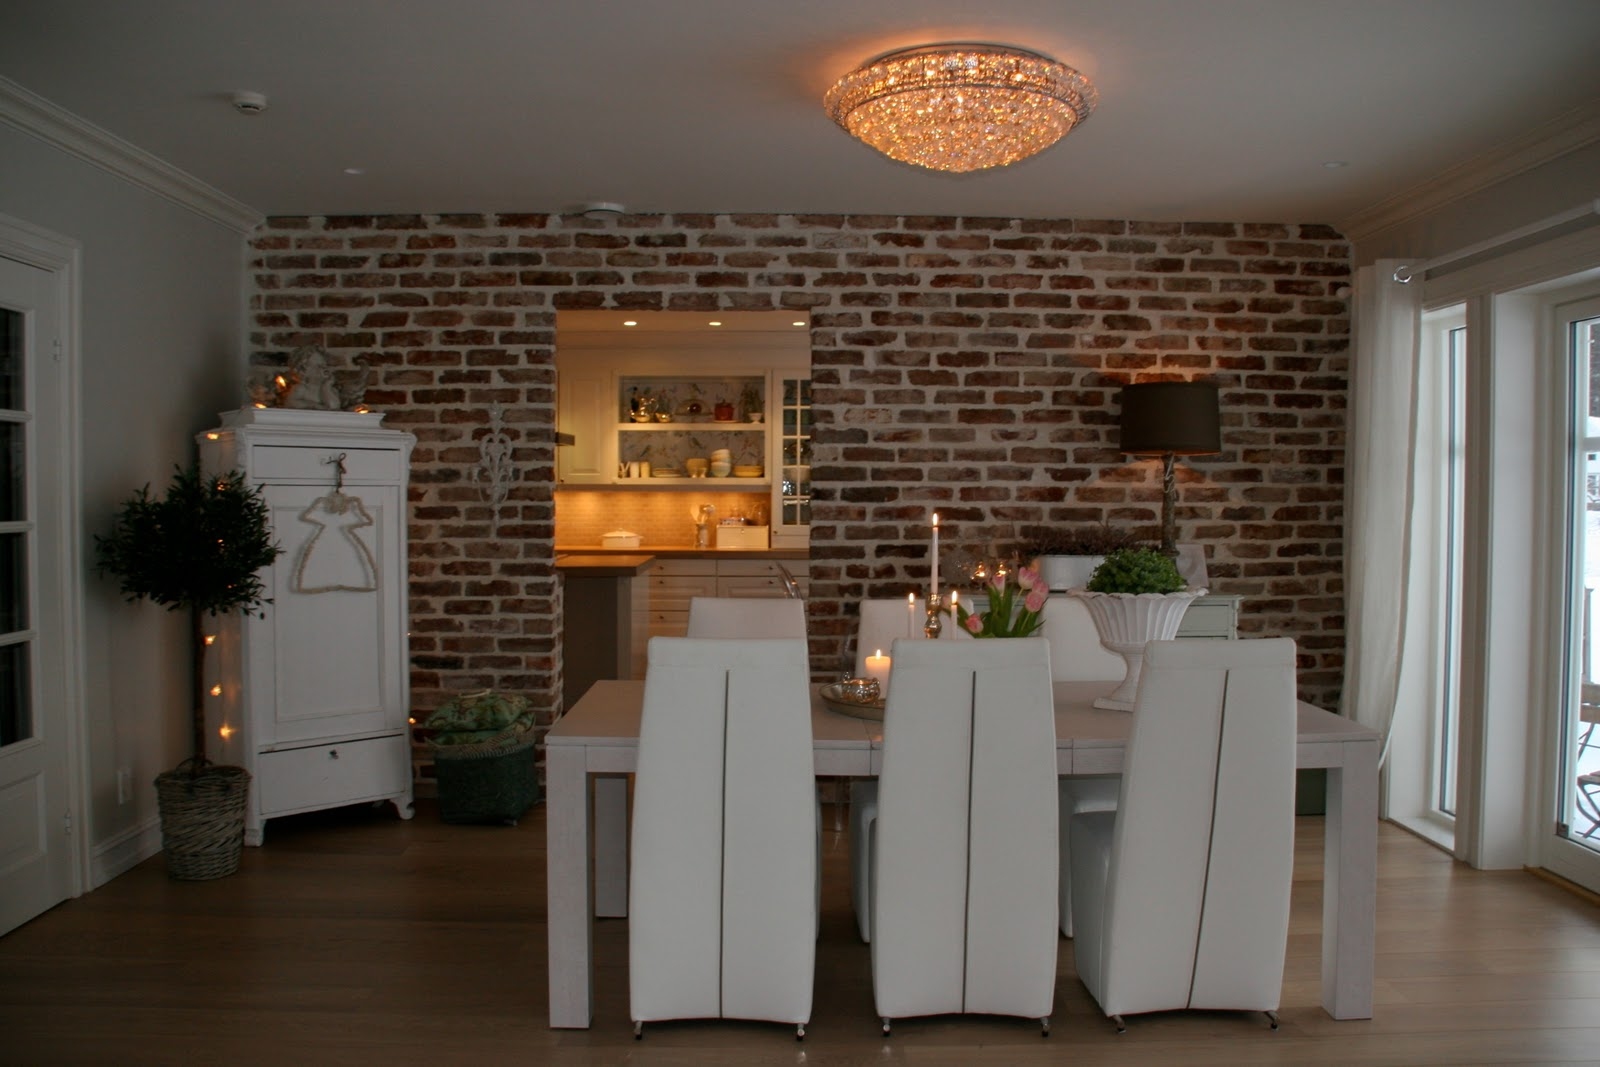 Pavimenti In Legno Muri In Mattoni Rossi Mobili Dipinti Qualche  #AA6B21 1600 1067 Cucine Stile Norvegese